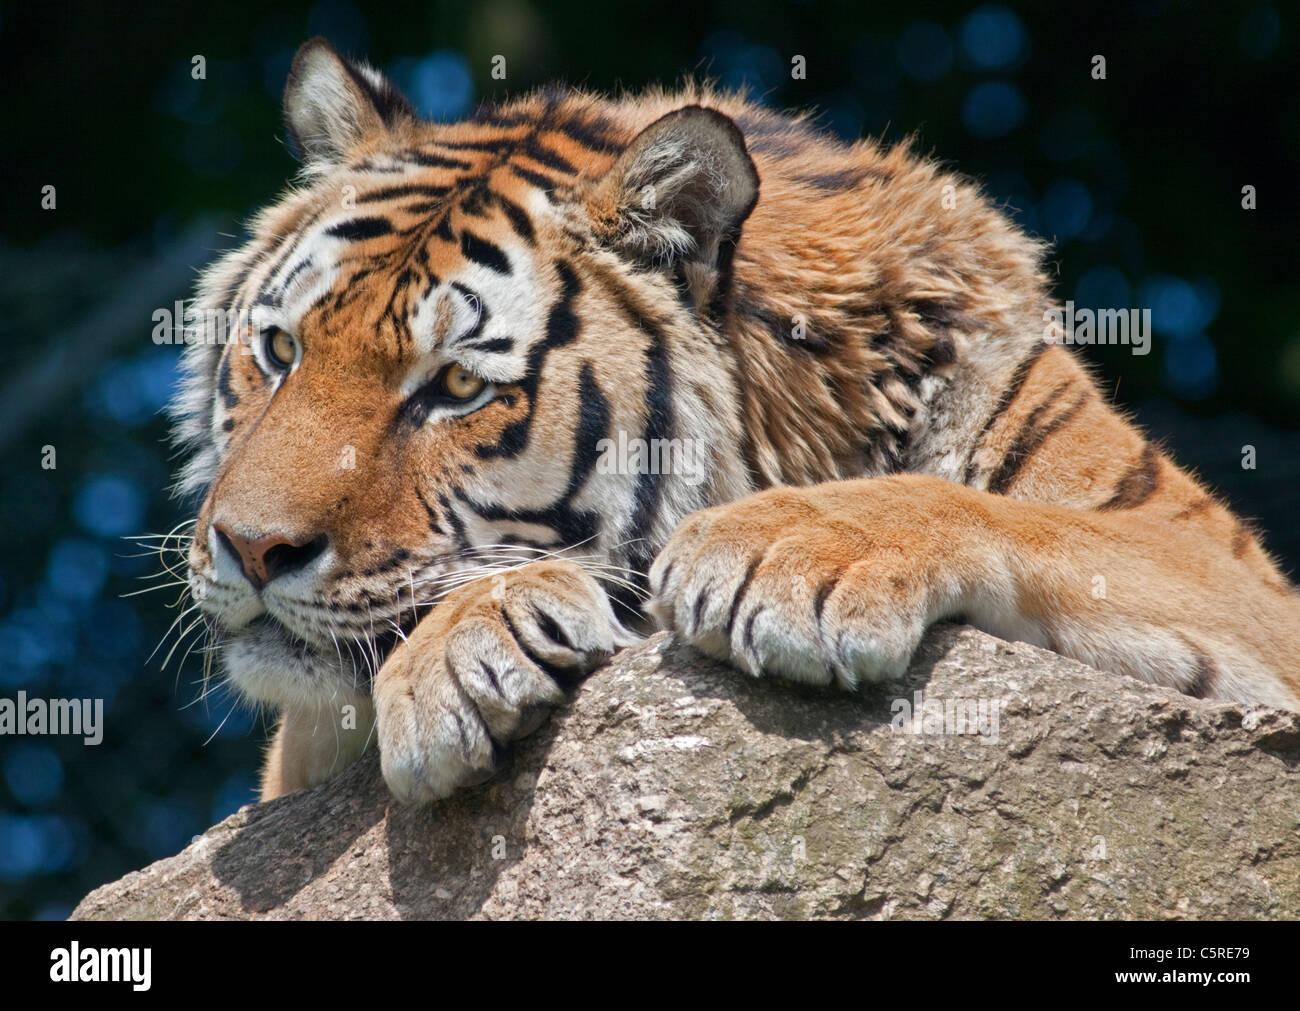 Tigre de Amur o tigre siberiano (Panthera tigris altaica) Imagen De Stock